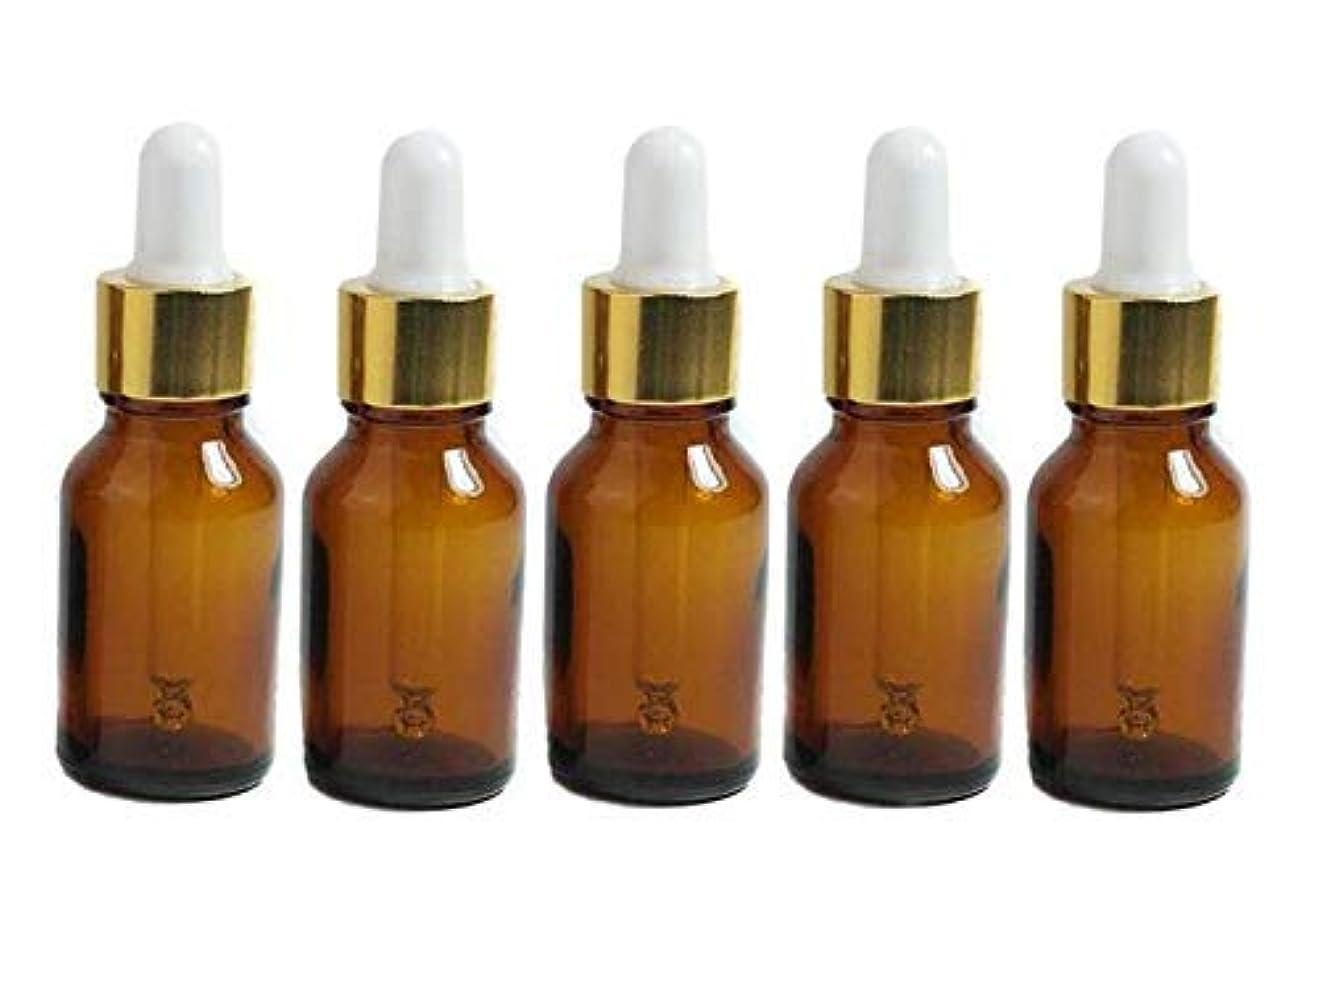 ゴージャスエンターテインメント挨拶6PCS 15ml Mini Amber Glass Via With Pipette Dropper Bottles Aromatherapy Essential Oil Refillable Dropper Bottles...